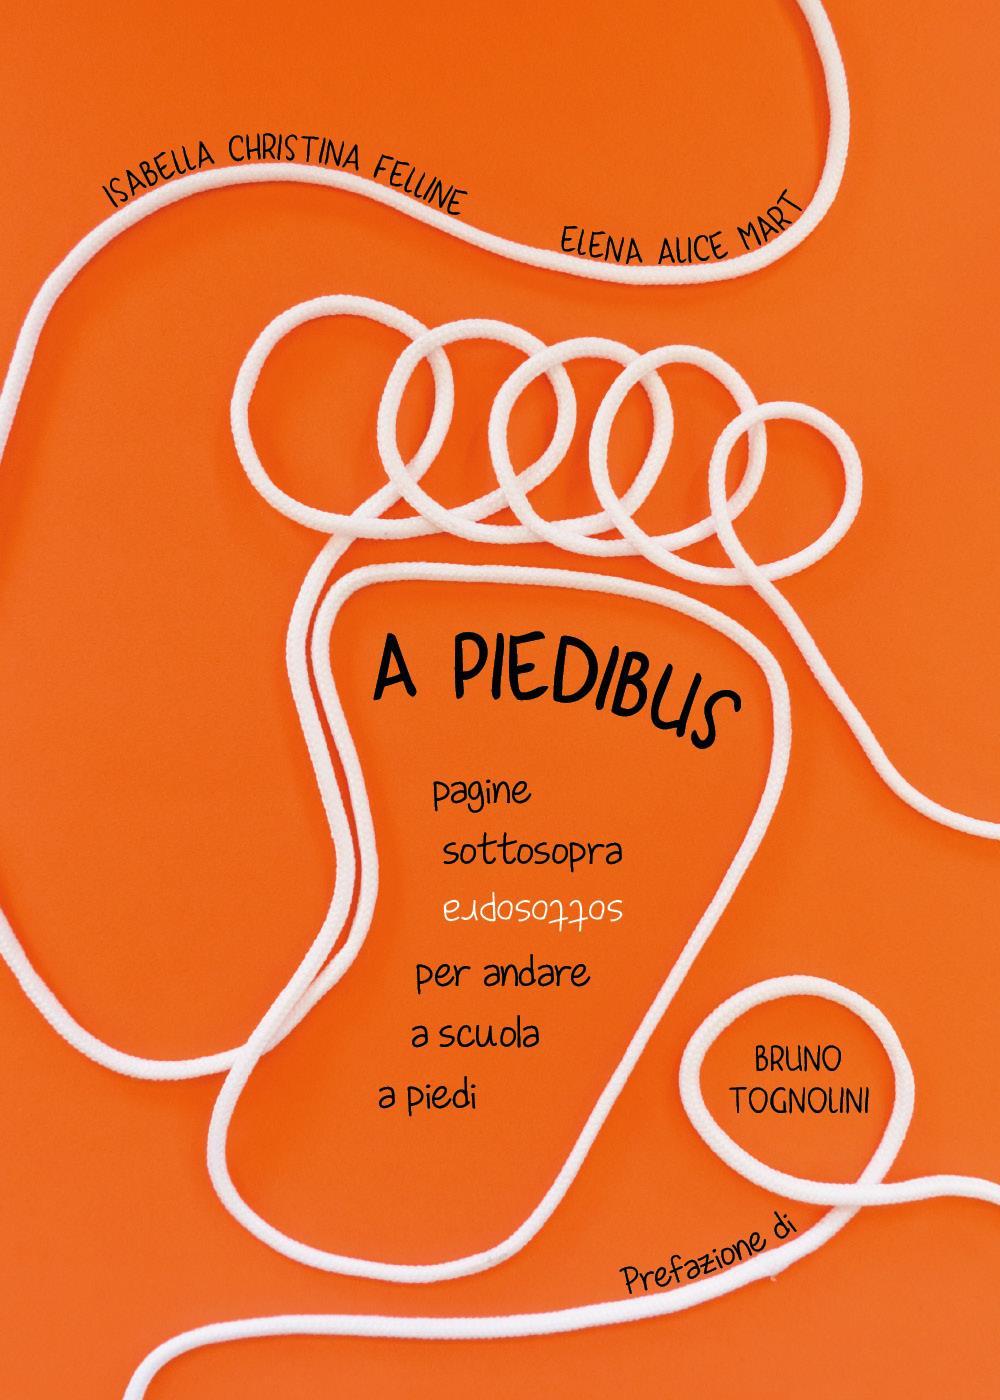 A Piedibus: pagine sottosopra per andare a scuola a piedi